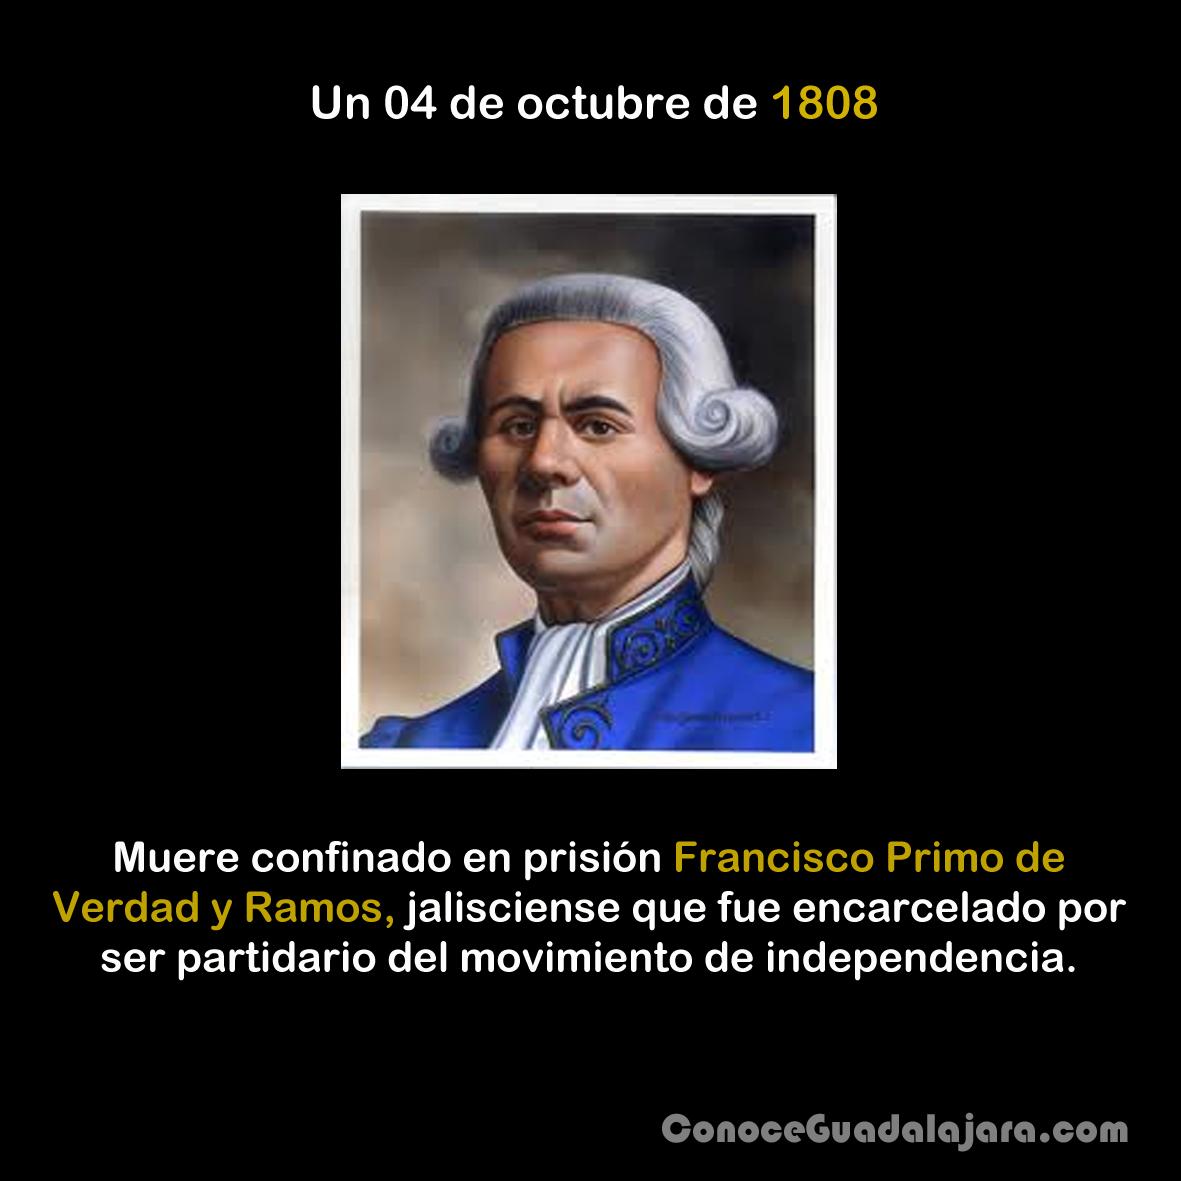 04-octubre-muere-Francisco-Primo